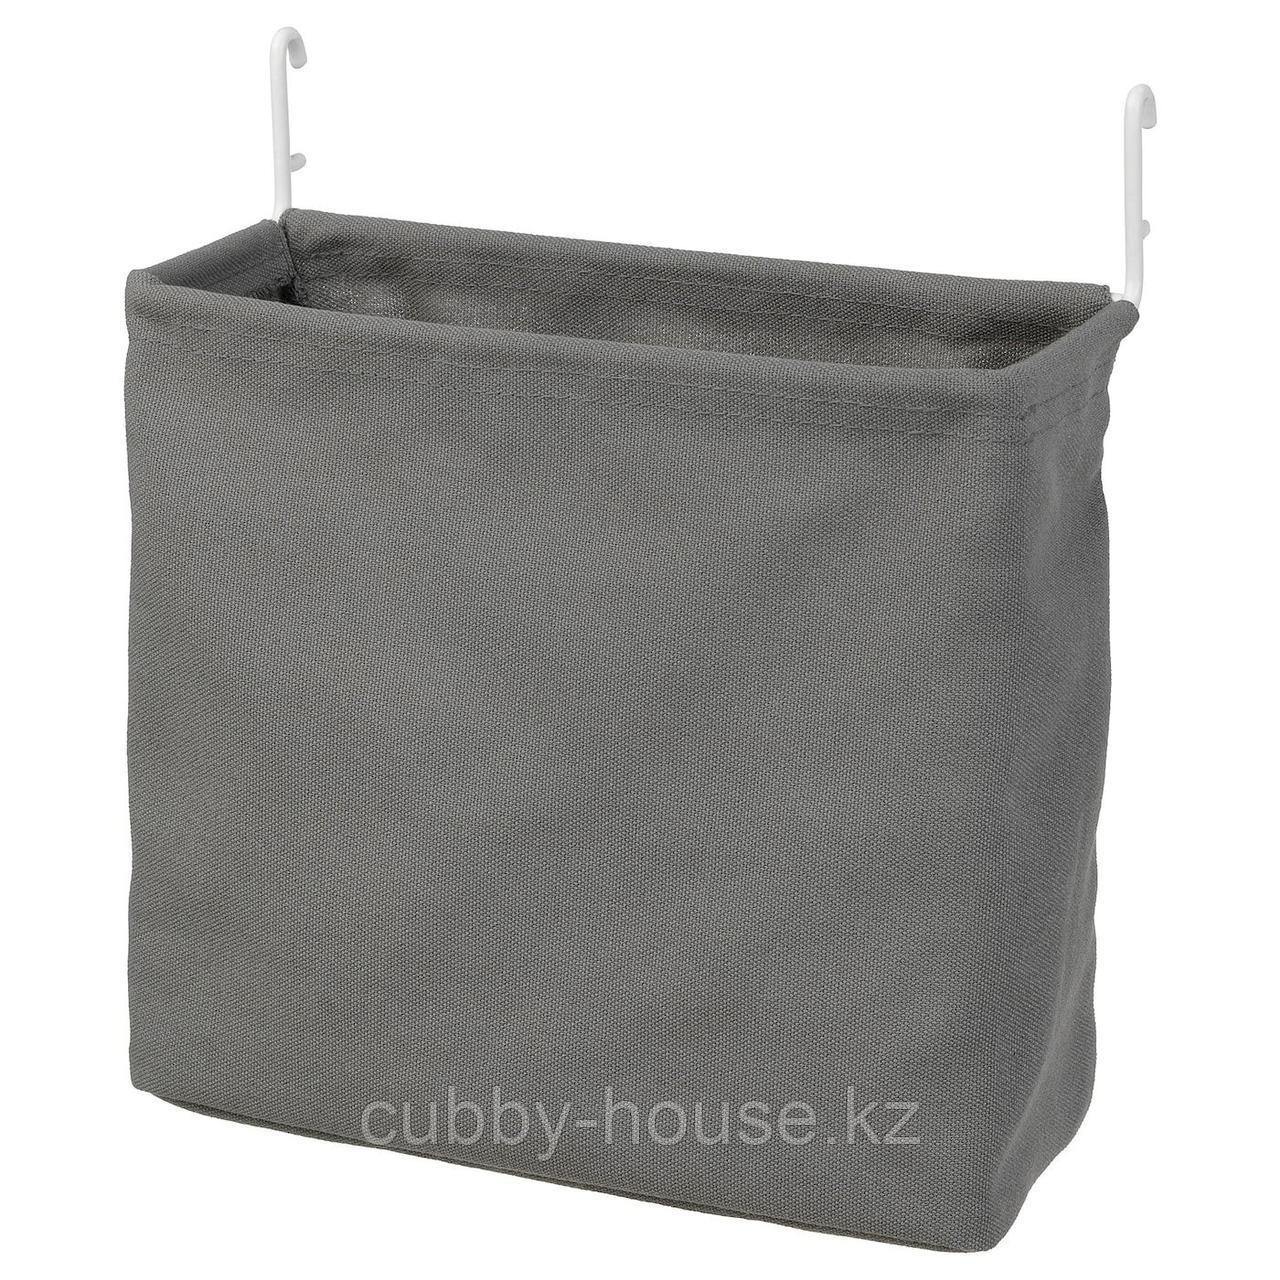 СКОДИС Текстильный контейнер, белый, серый